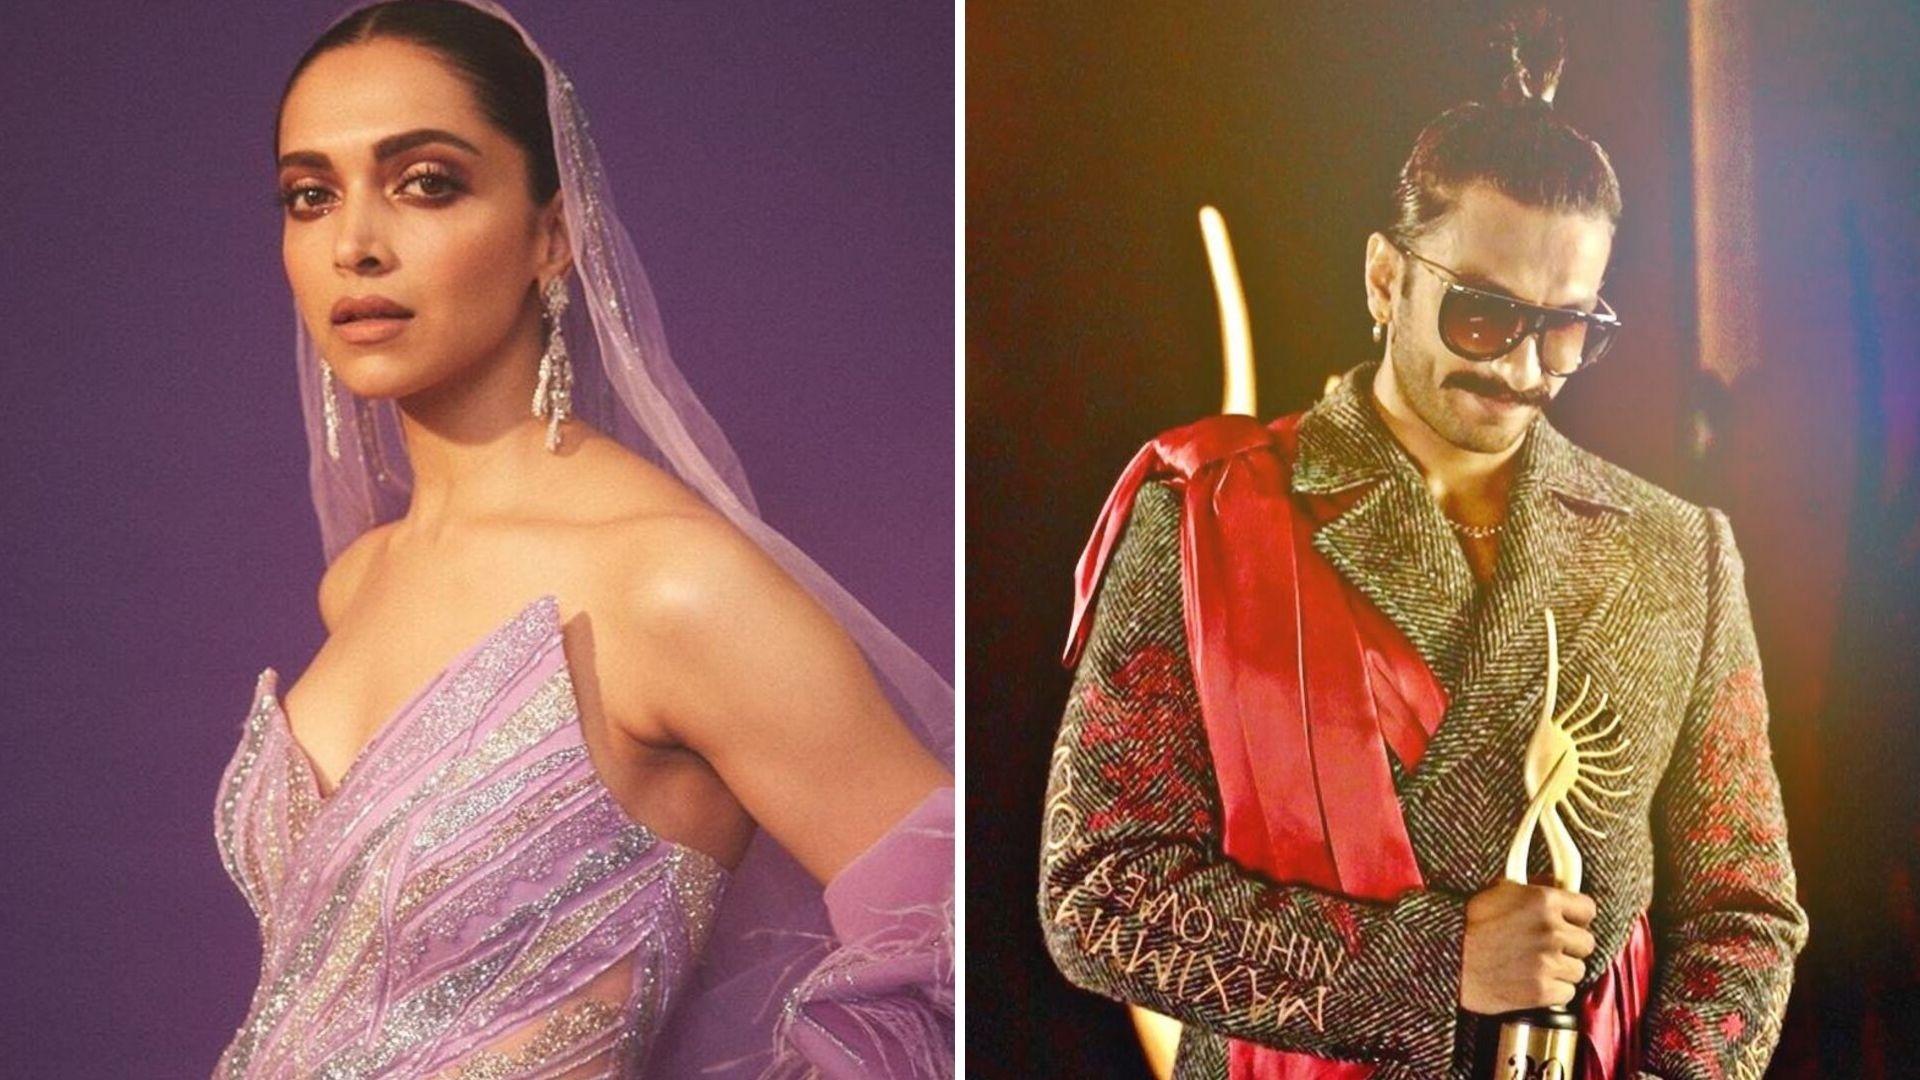 Deepika Creates Hilarious Memes on Her & Ranveer's IIFA Looks